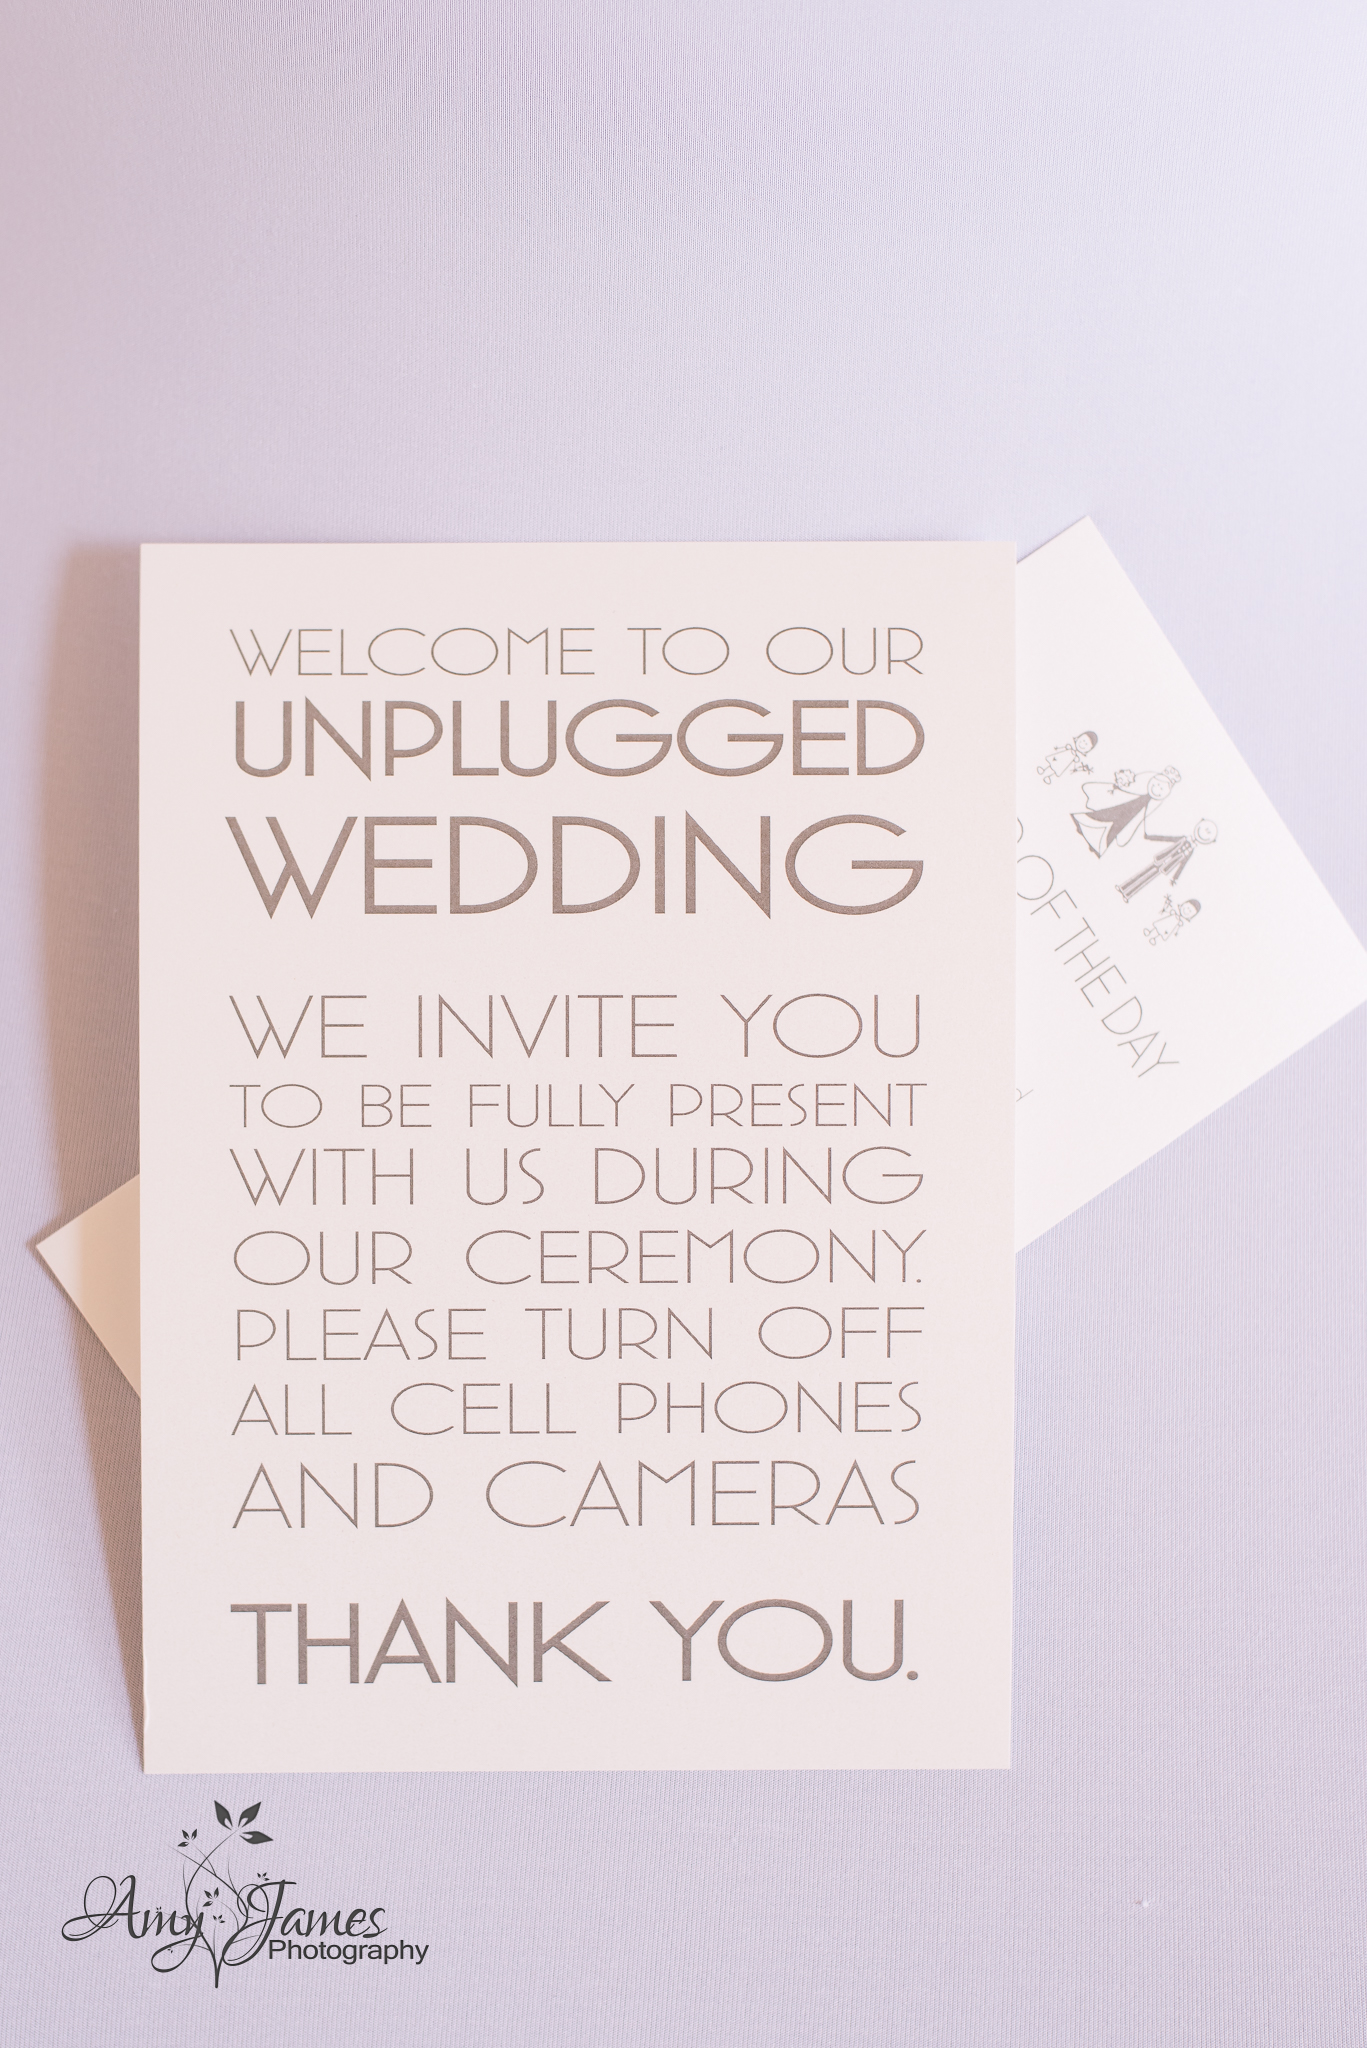 Hampshire wedding venues // Wedding photographer Hampshire // Audleys Wood Hotel Wedding // Unplugged wedding